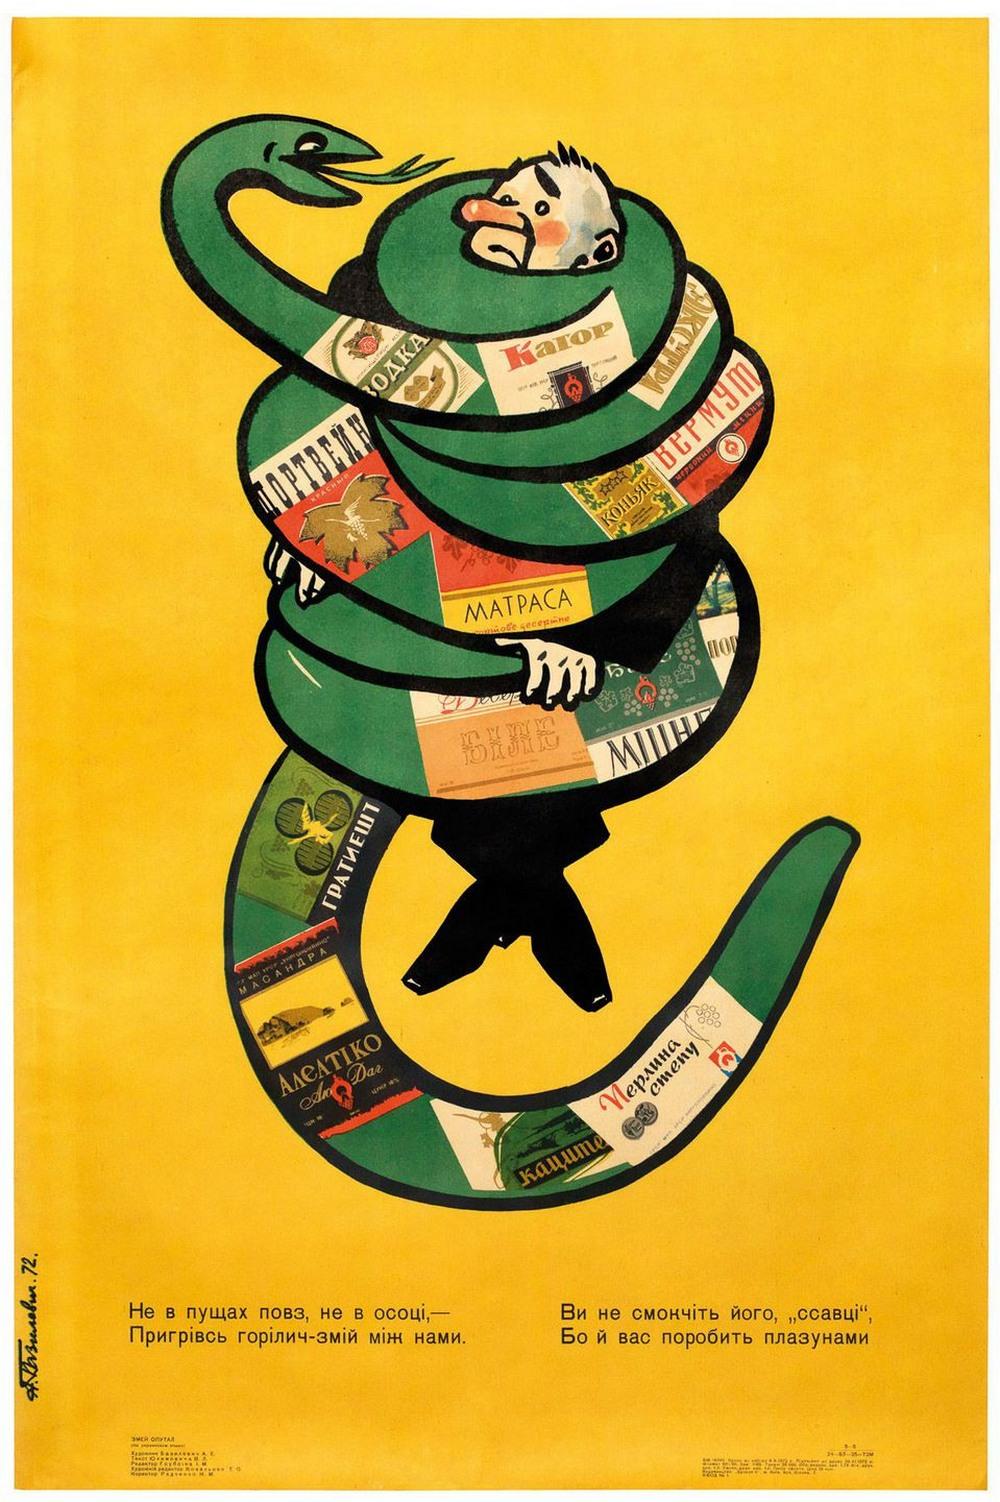 Пьянству бой: антиалкогольные советские плакаты  4